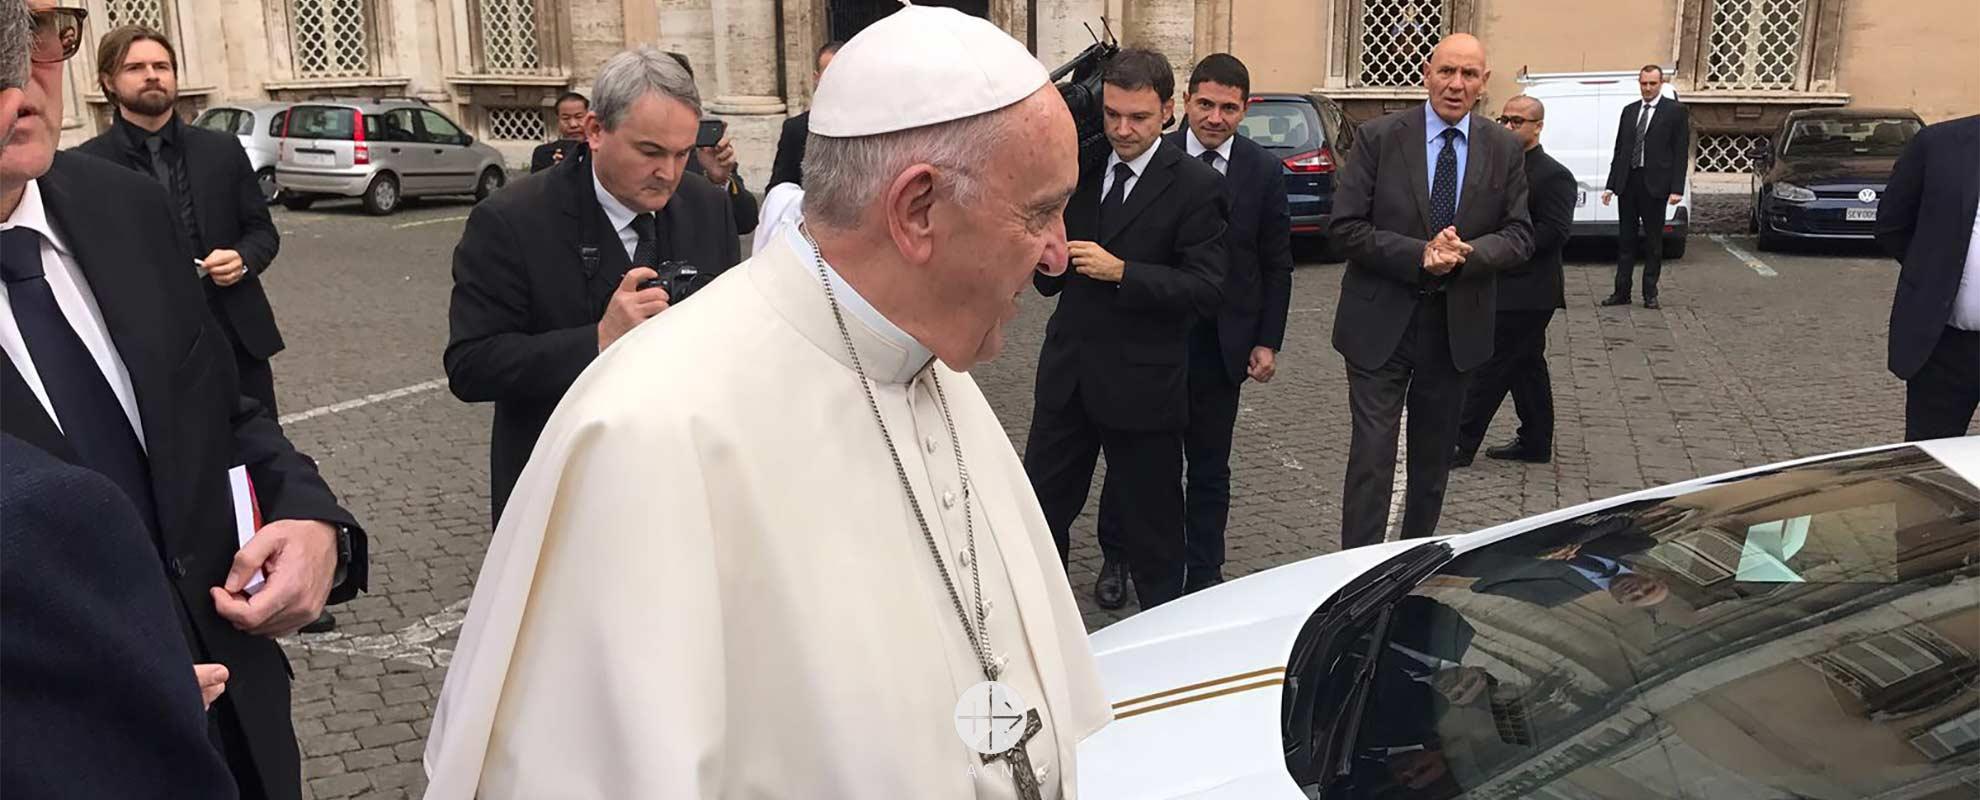 Un Lamborghini para apoyar a los cristianos en Níneve